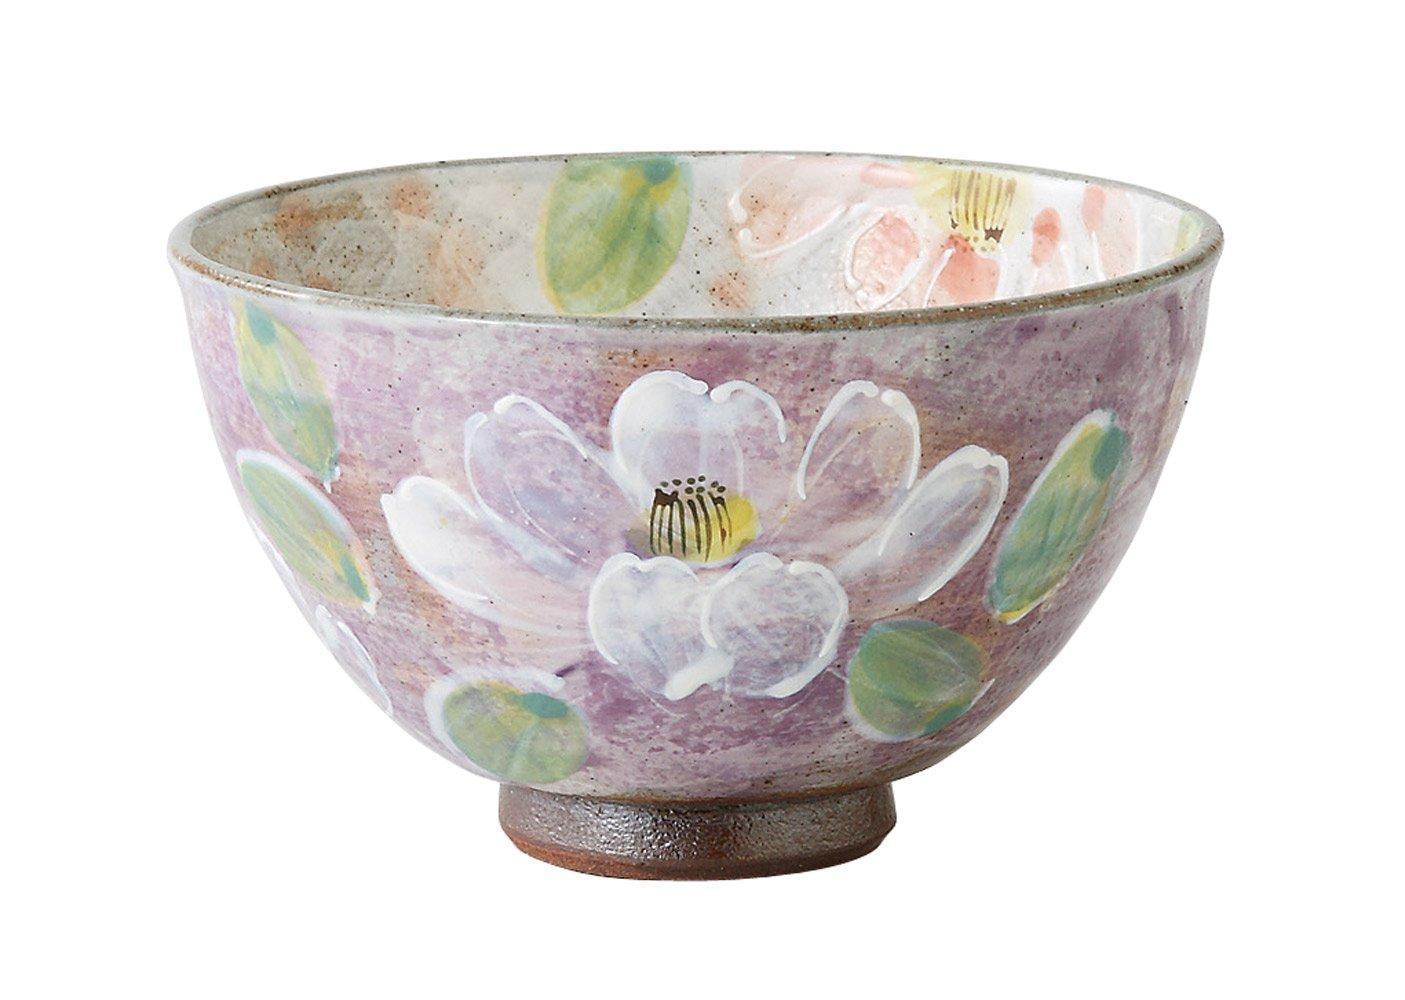 【送料無料】 西海陶器(Saikaitoki) 波佐見焼 軽量飯碗 (小) 濃草花柄 紫色 72600